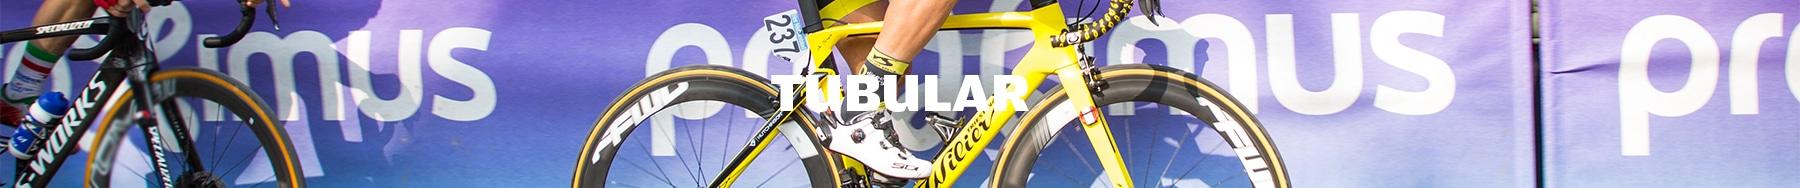 FFWD Wheels Carbon Tubular Cycling Road Wheels